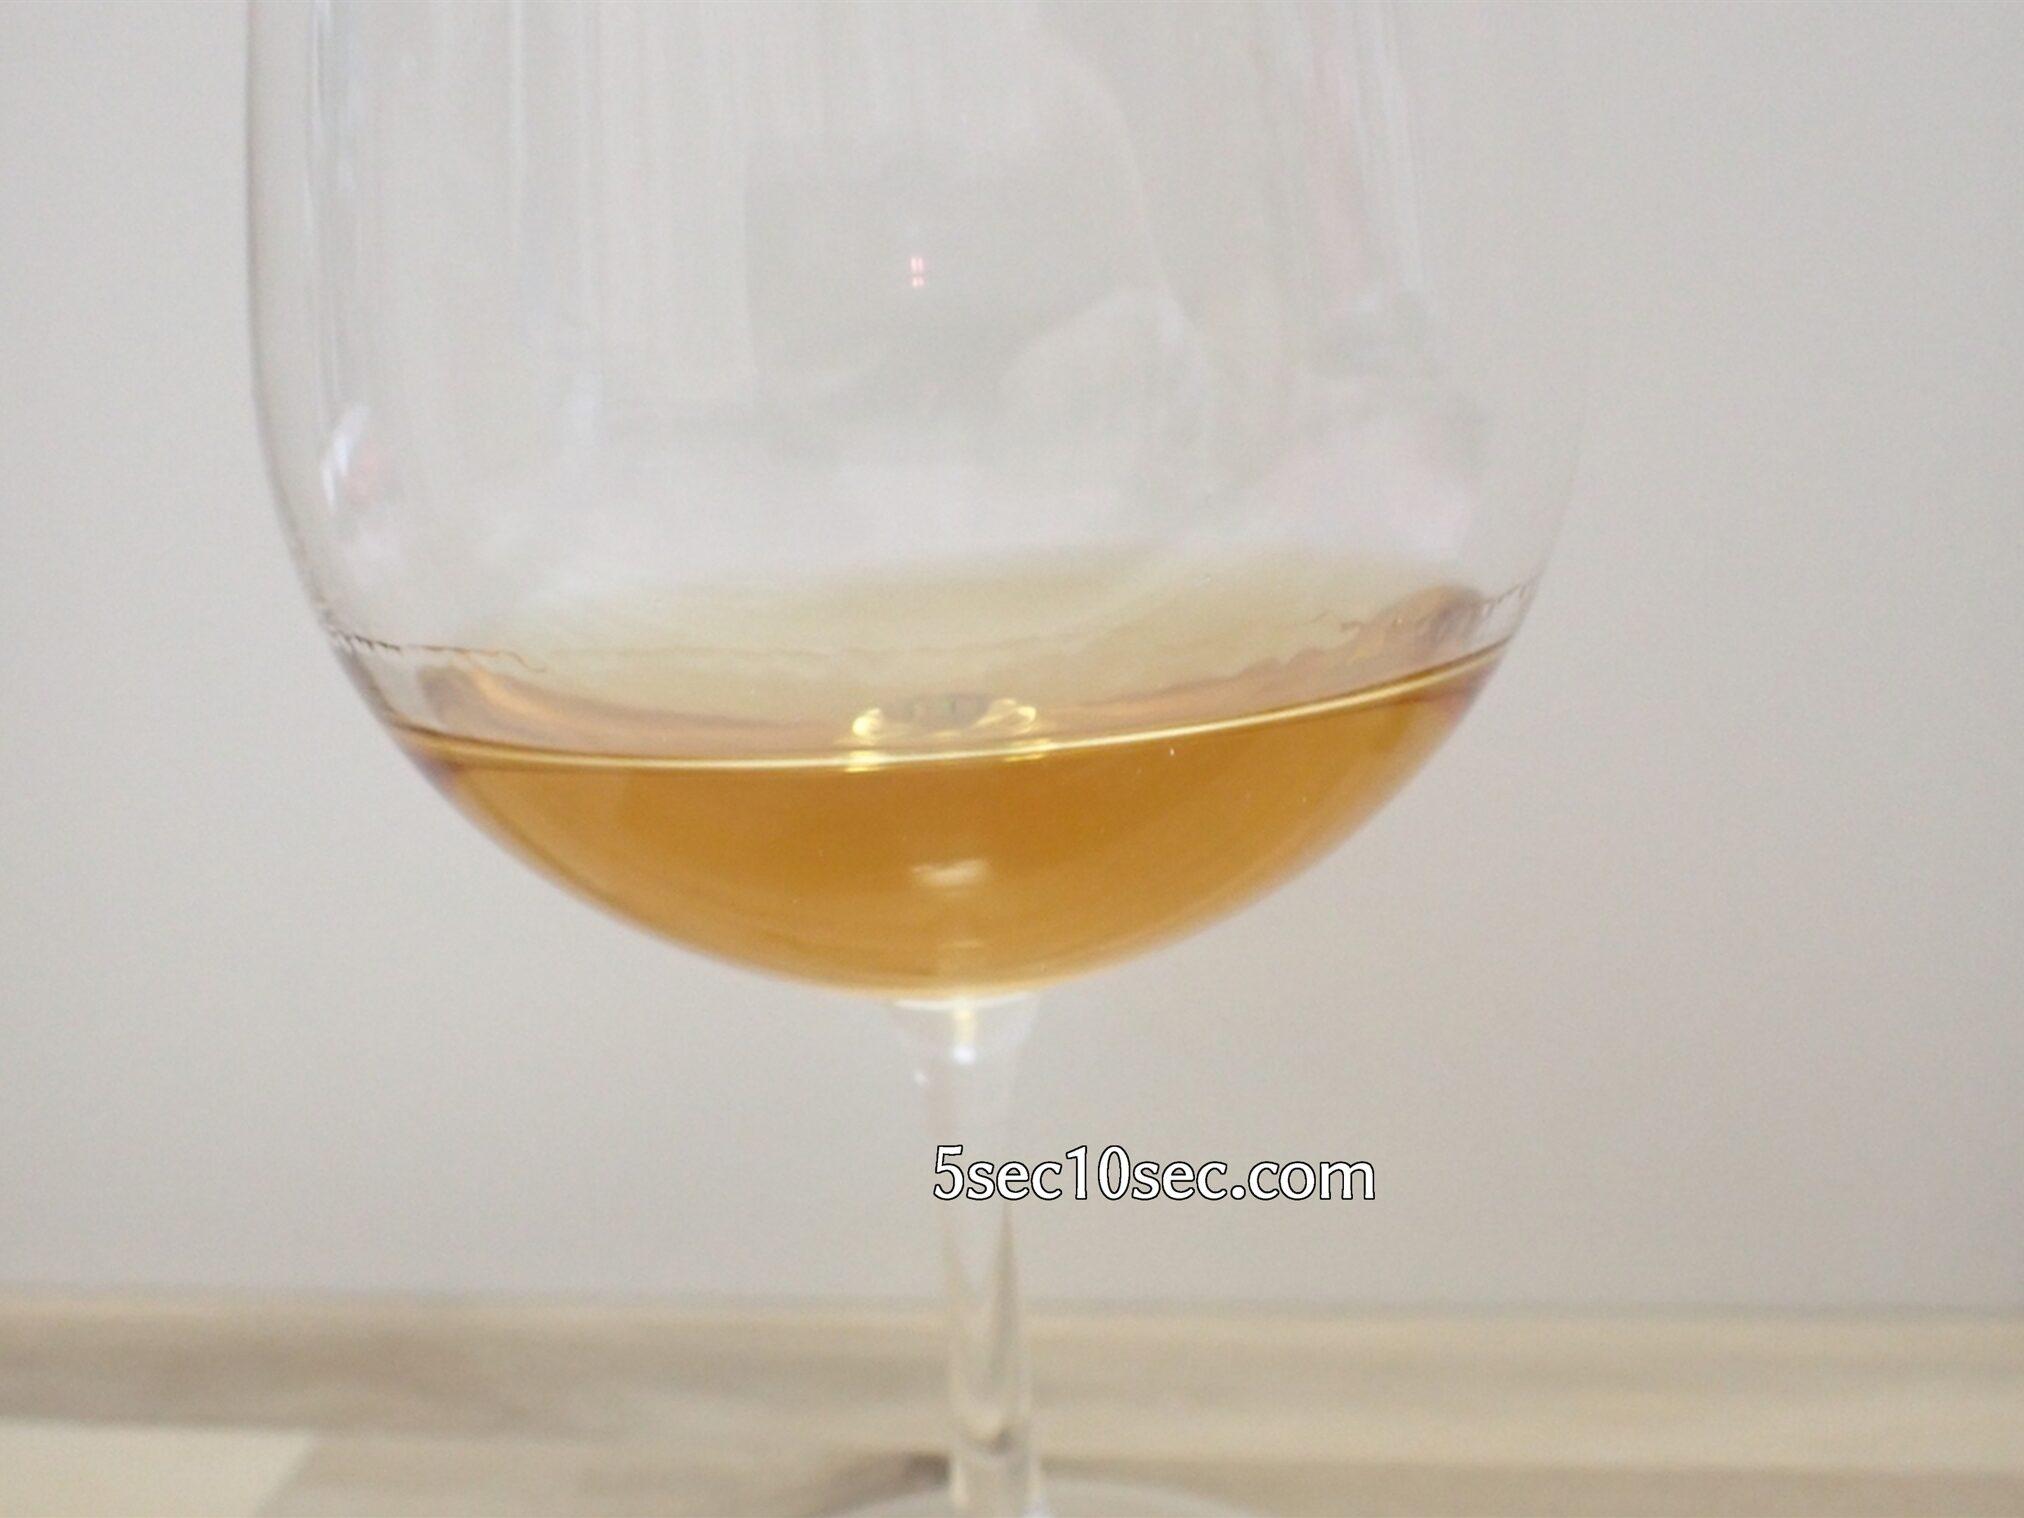 香りが強く、香りが良く、いつまでも香ります ザ マッカラン クエスト 700ml